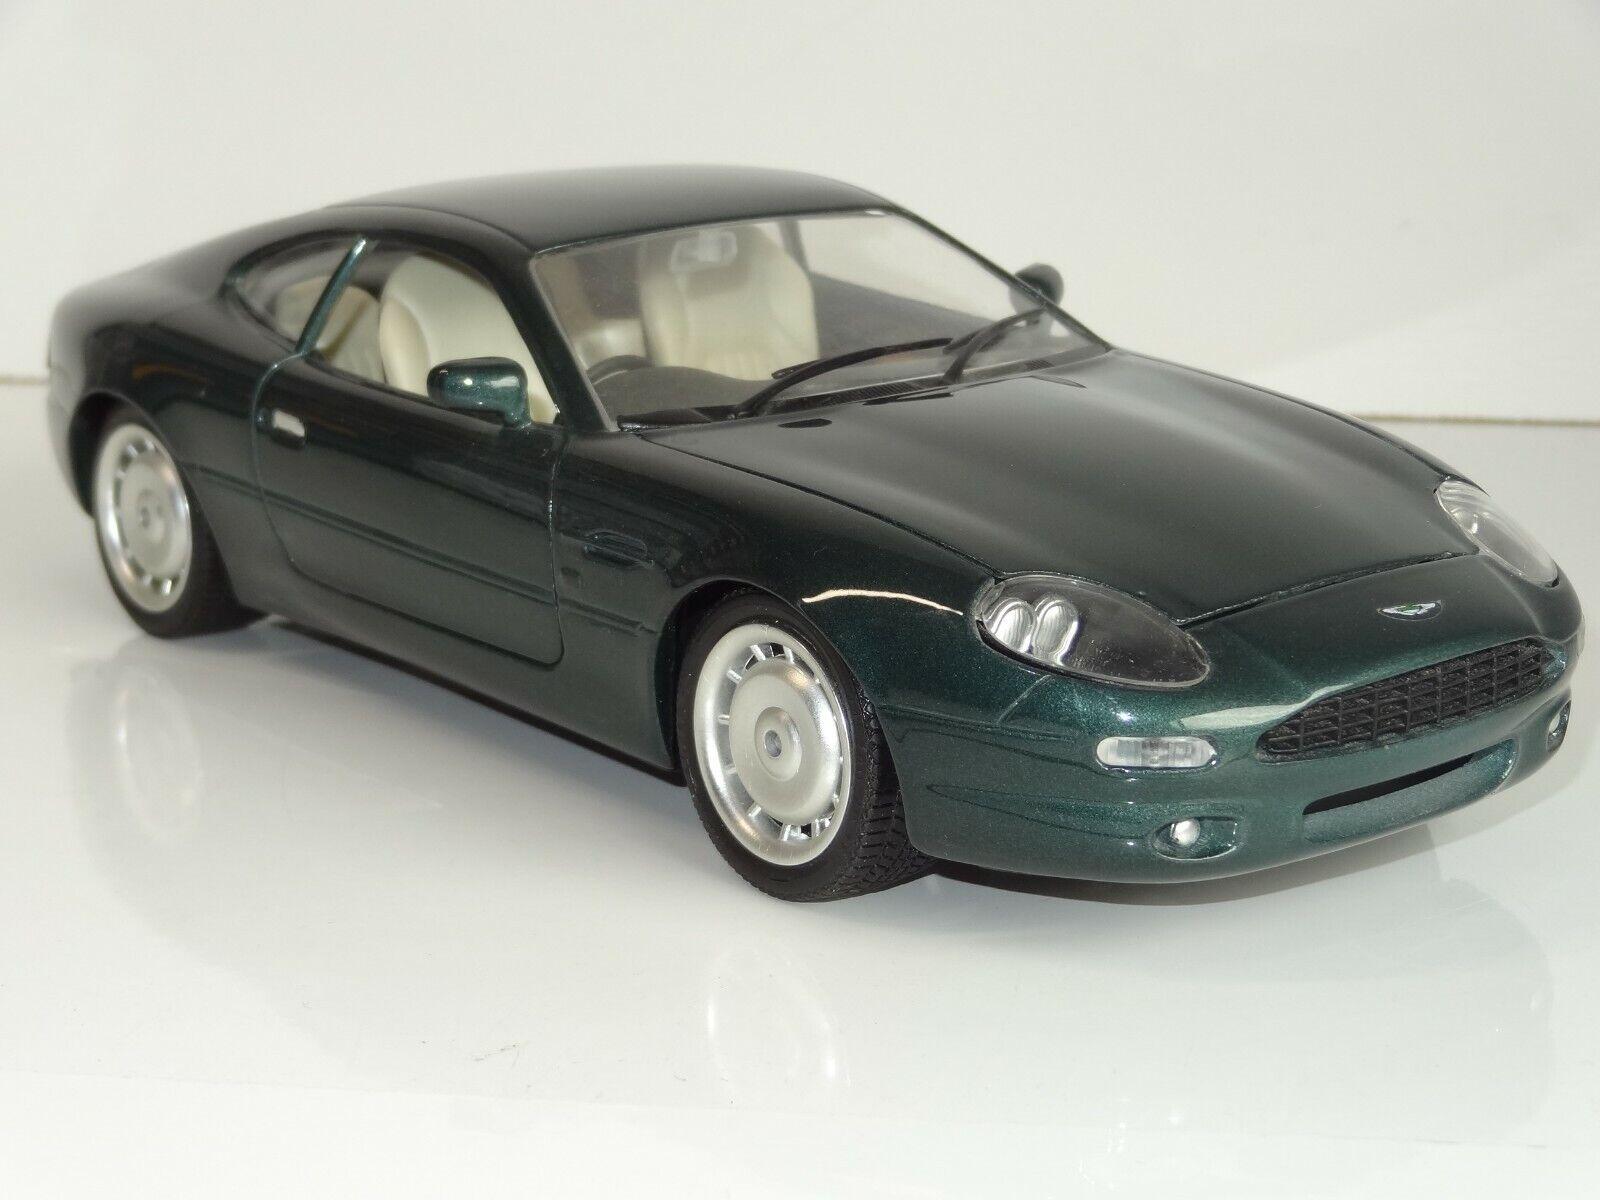 (W) Guiloy 1 18 Aston Martin DB7-verde oscuro menta en caja